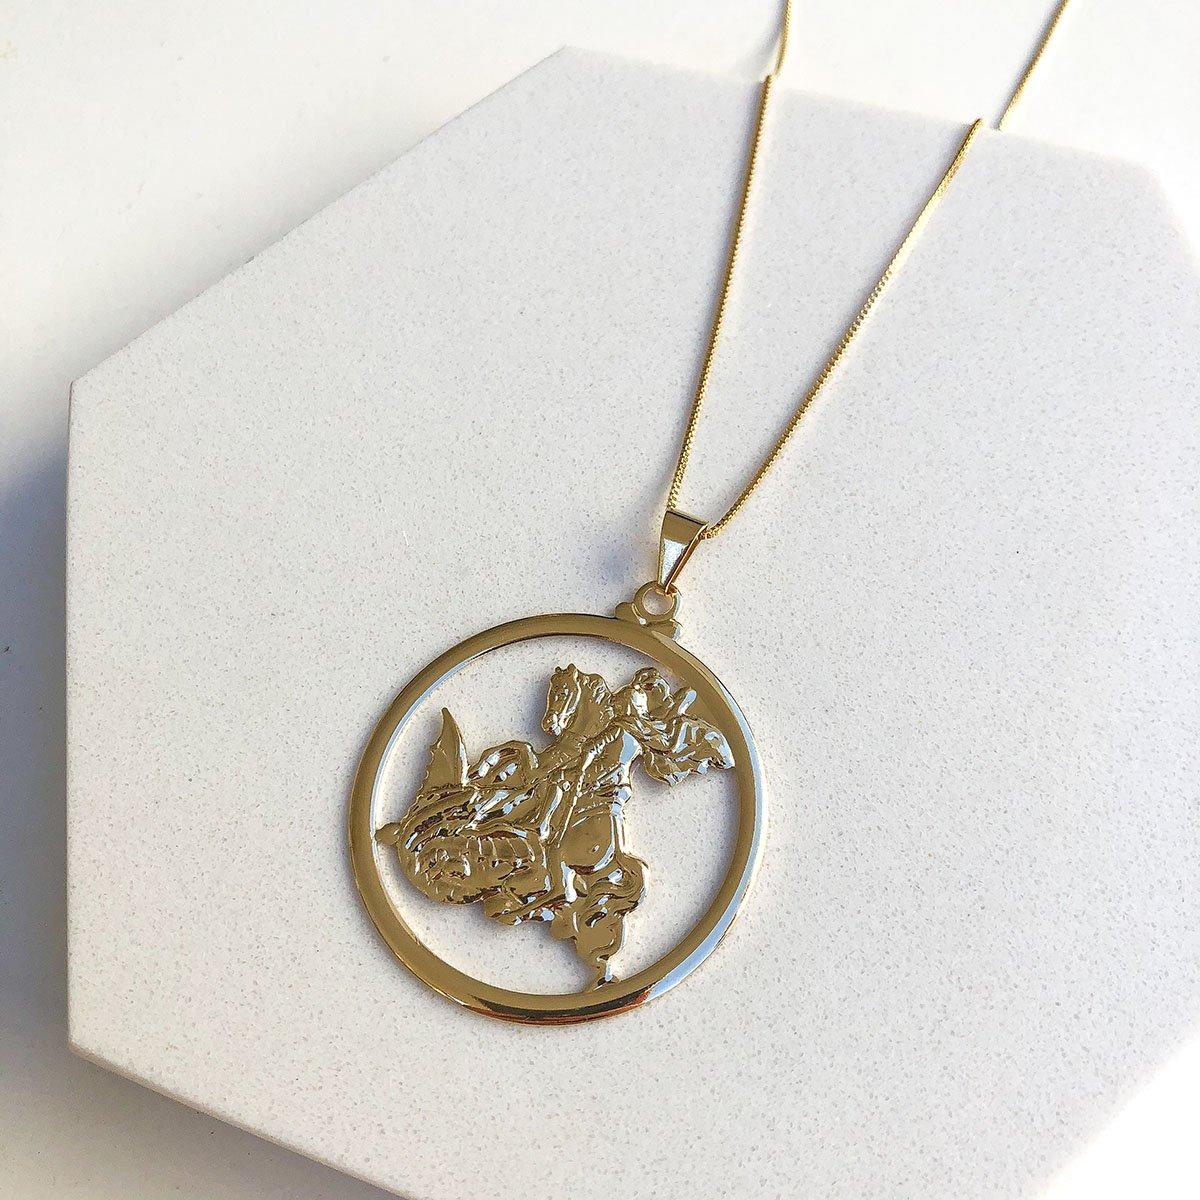 Colar Banhado a Ouro 18k com Pingente Medalha São Jorge